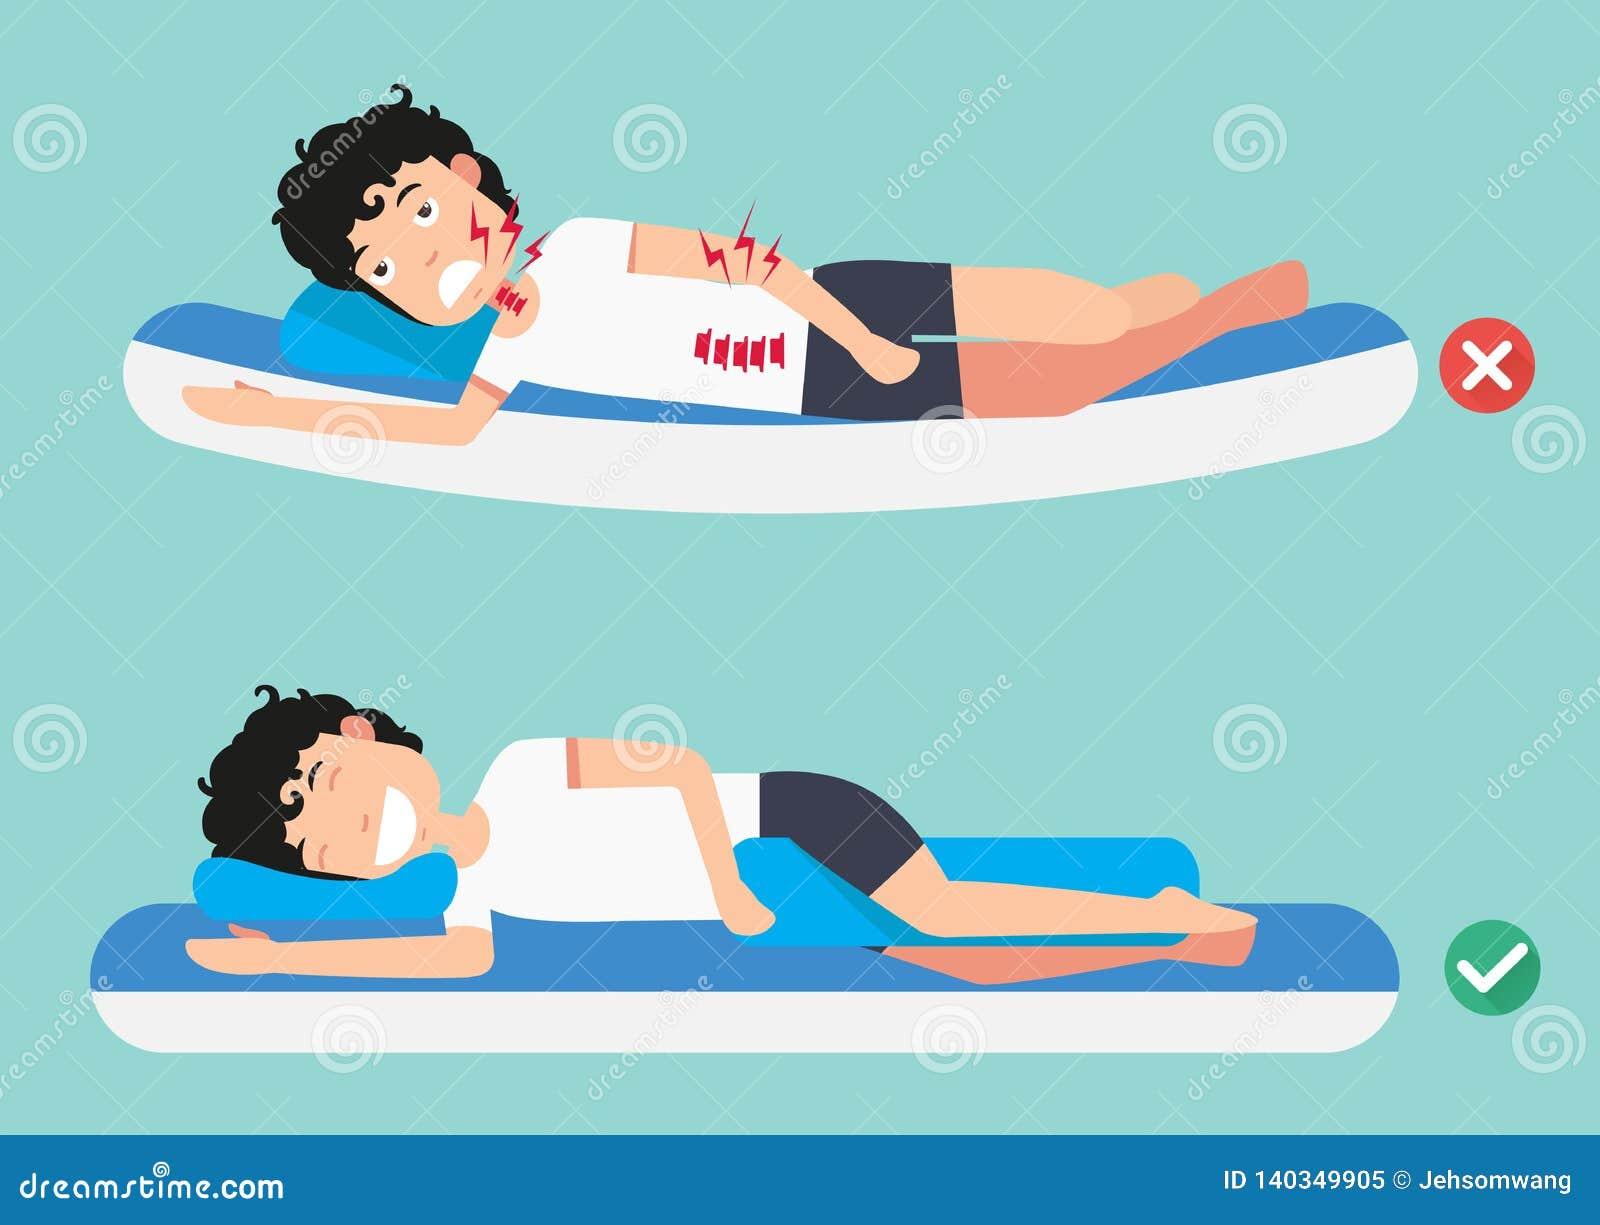 Migliori e posizioni peggiori per dormire